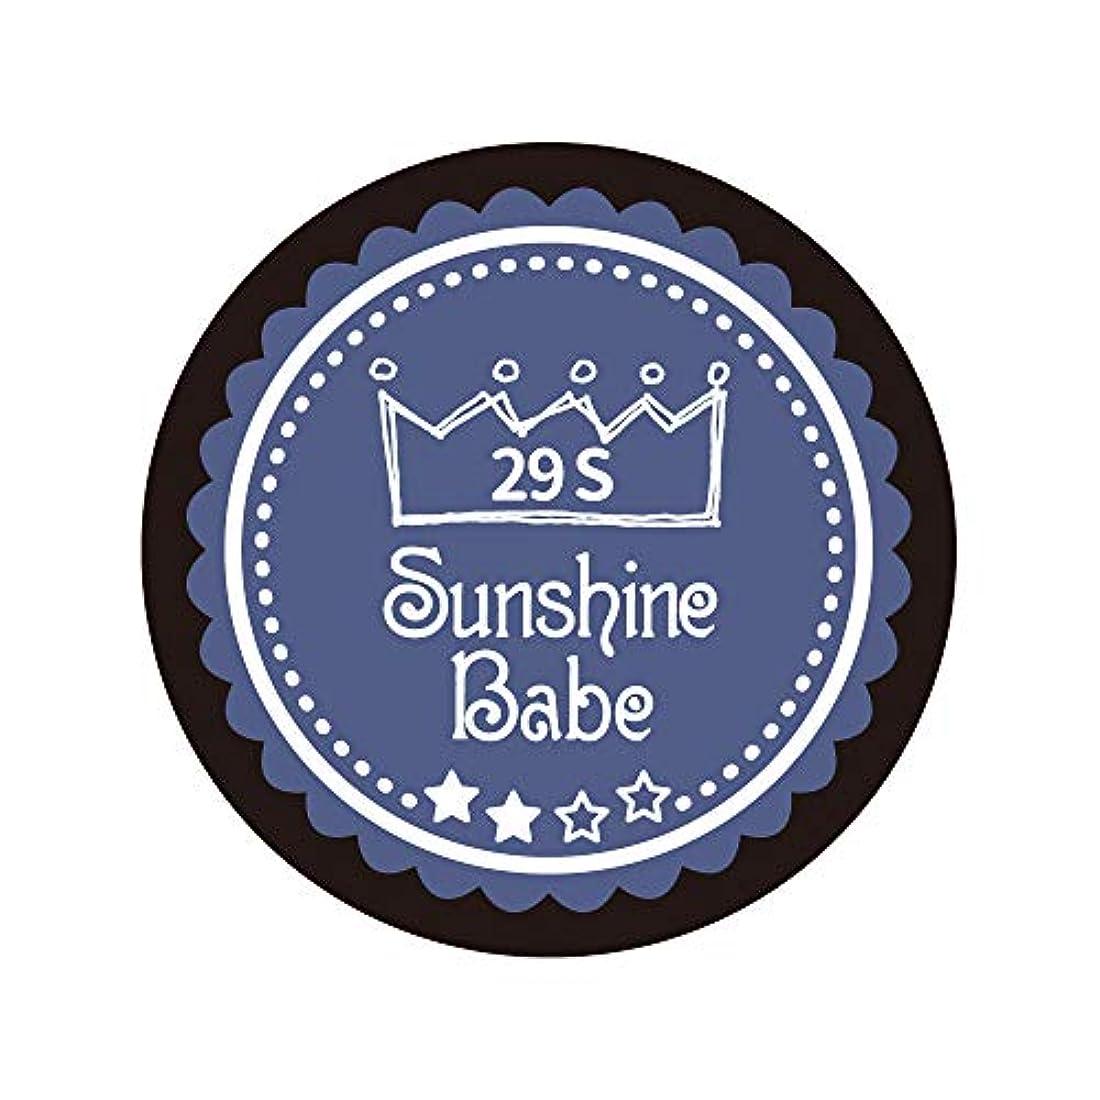 不条理アナロジー固体Sunshine Babe カラージェル 29S ネイビーグレー 2.7g UV/LED対応